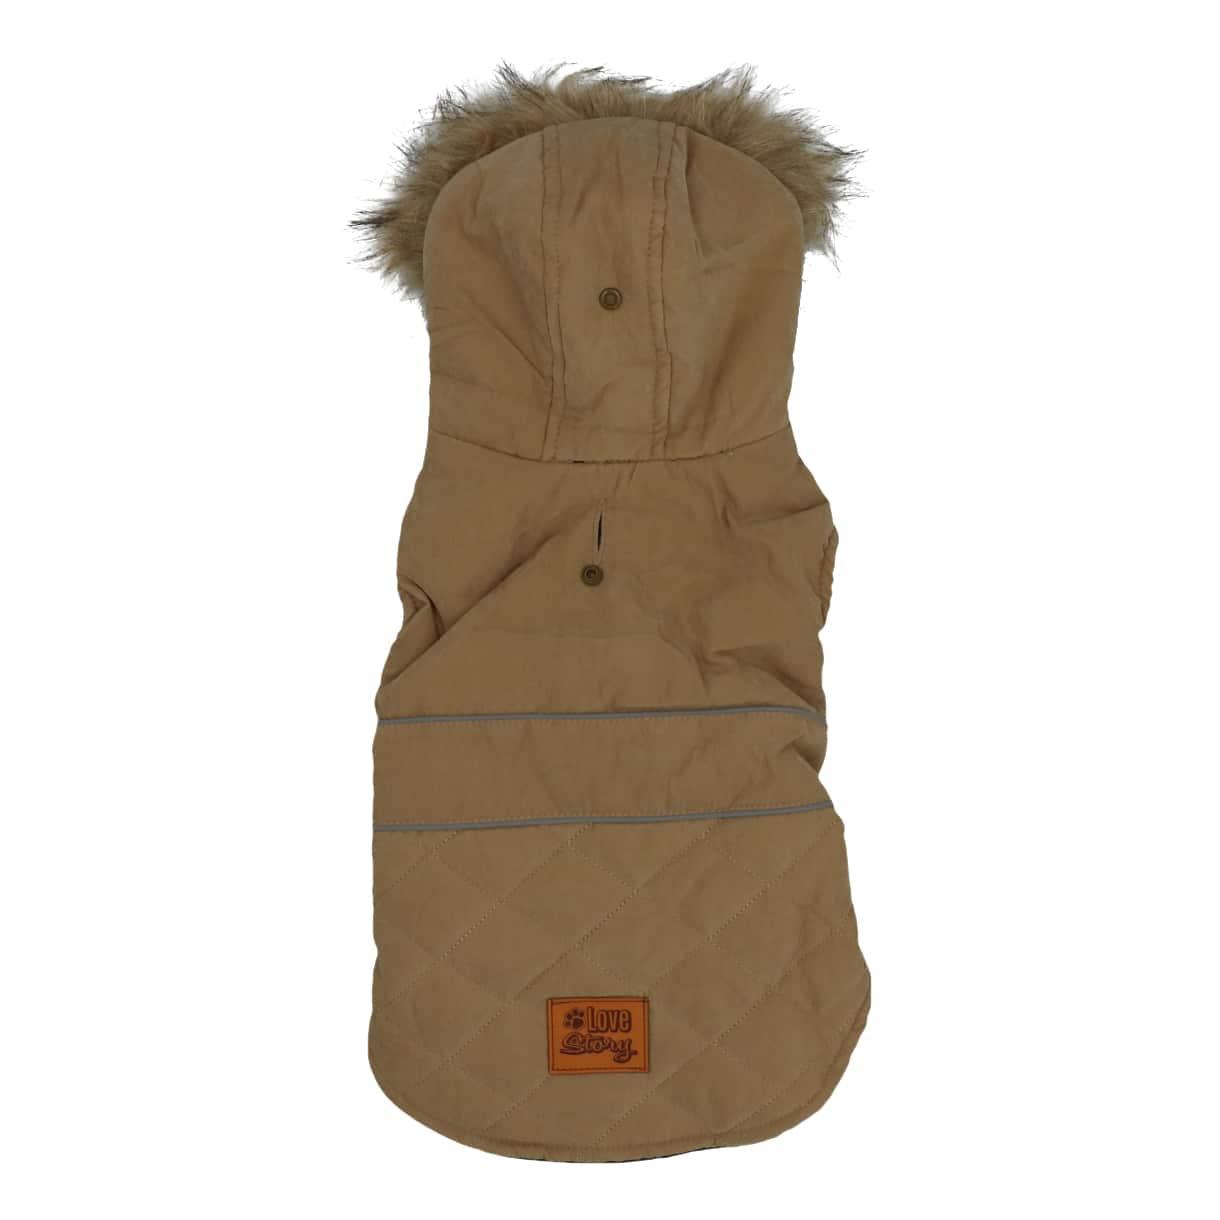 4Goodz Hondenjas met bontkraag - winterjas hond 30 cm - Taupe